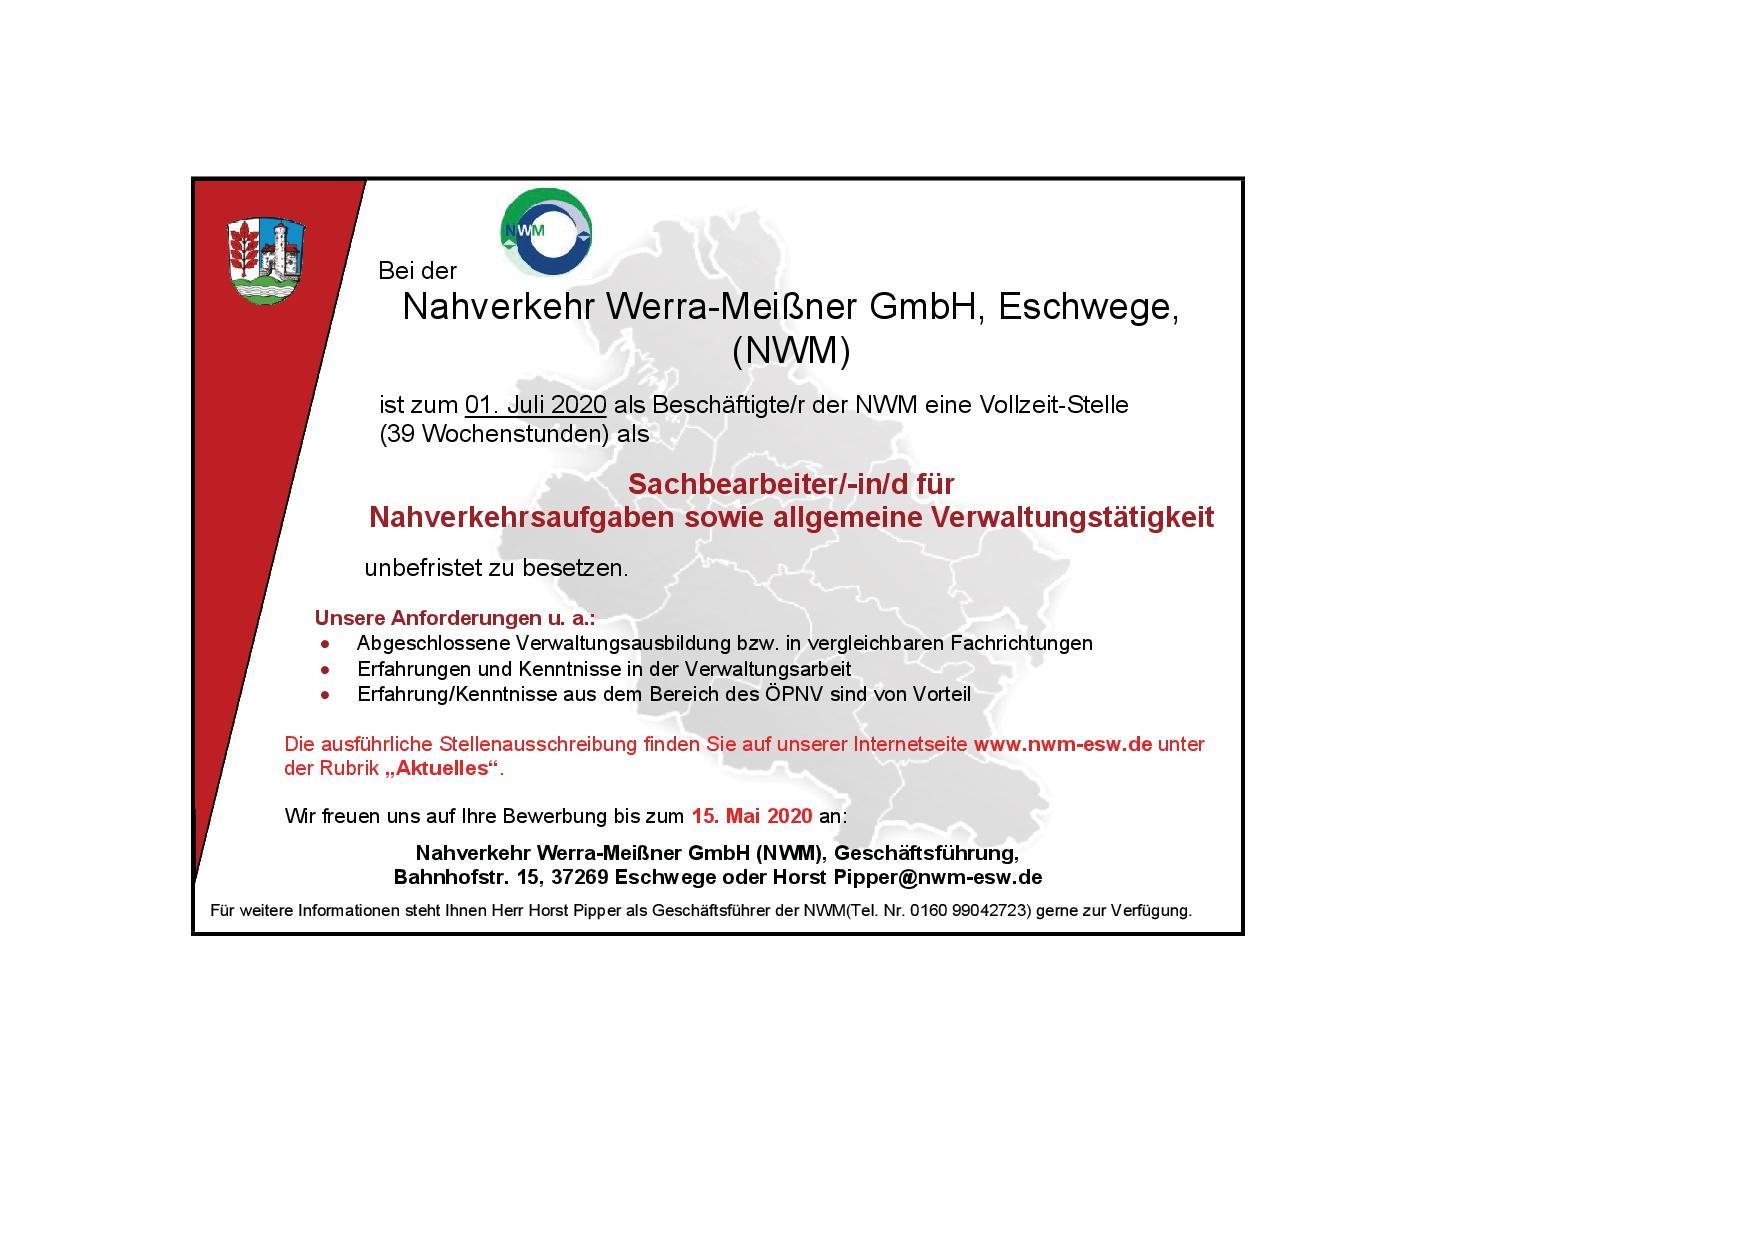 Stellenausschreibung NWM zum 01.07.2020